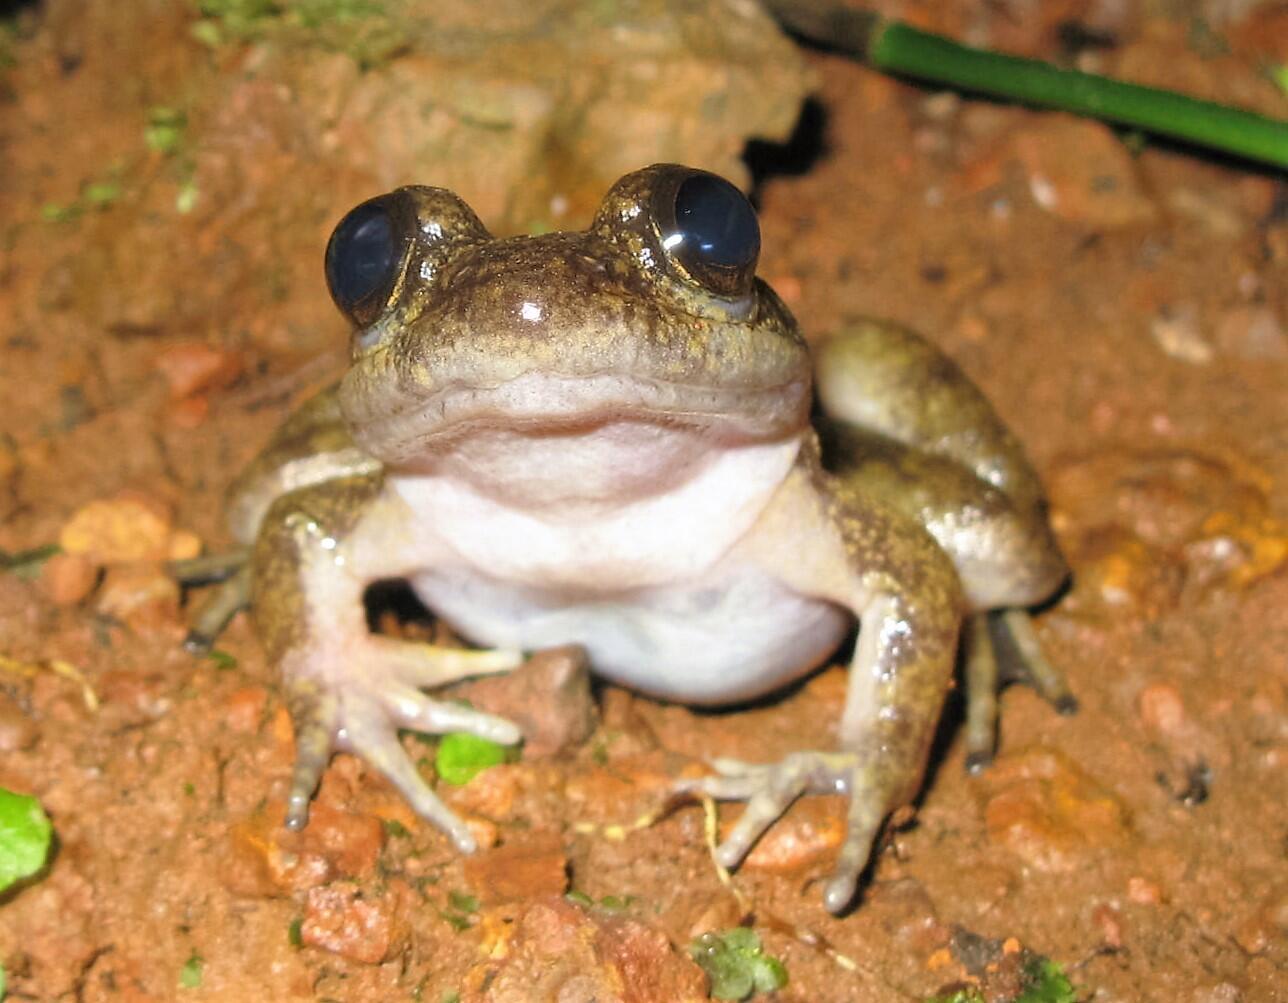 2021_07_29 zimbabwe Atewa Slippery Frog  under threat